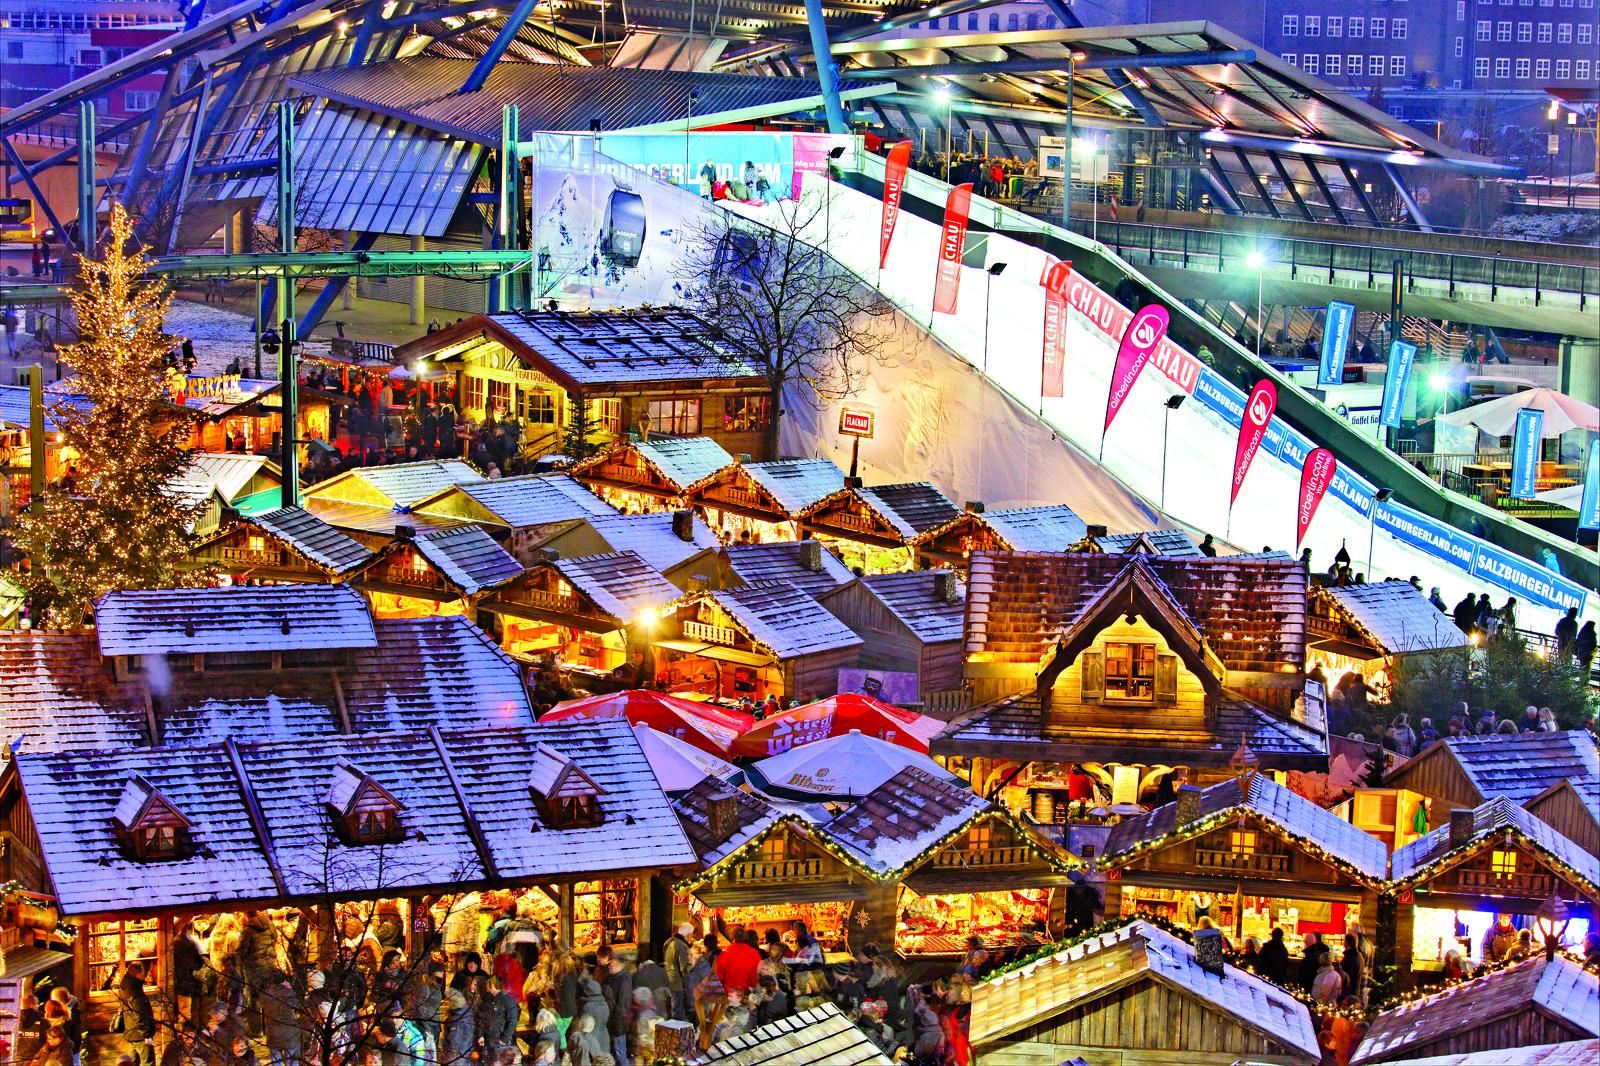 Kerstmarkt Centro Oberhausen 2018